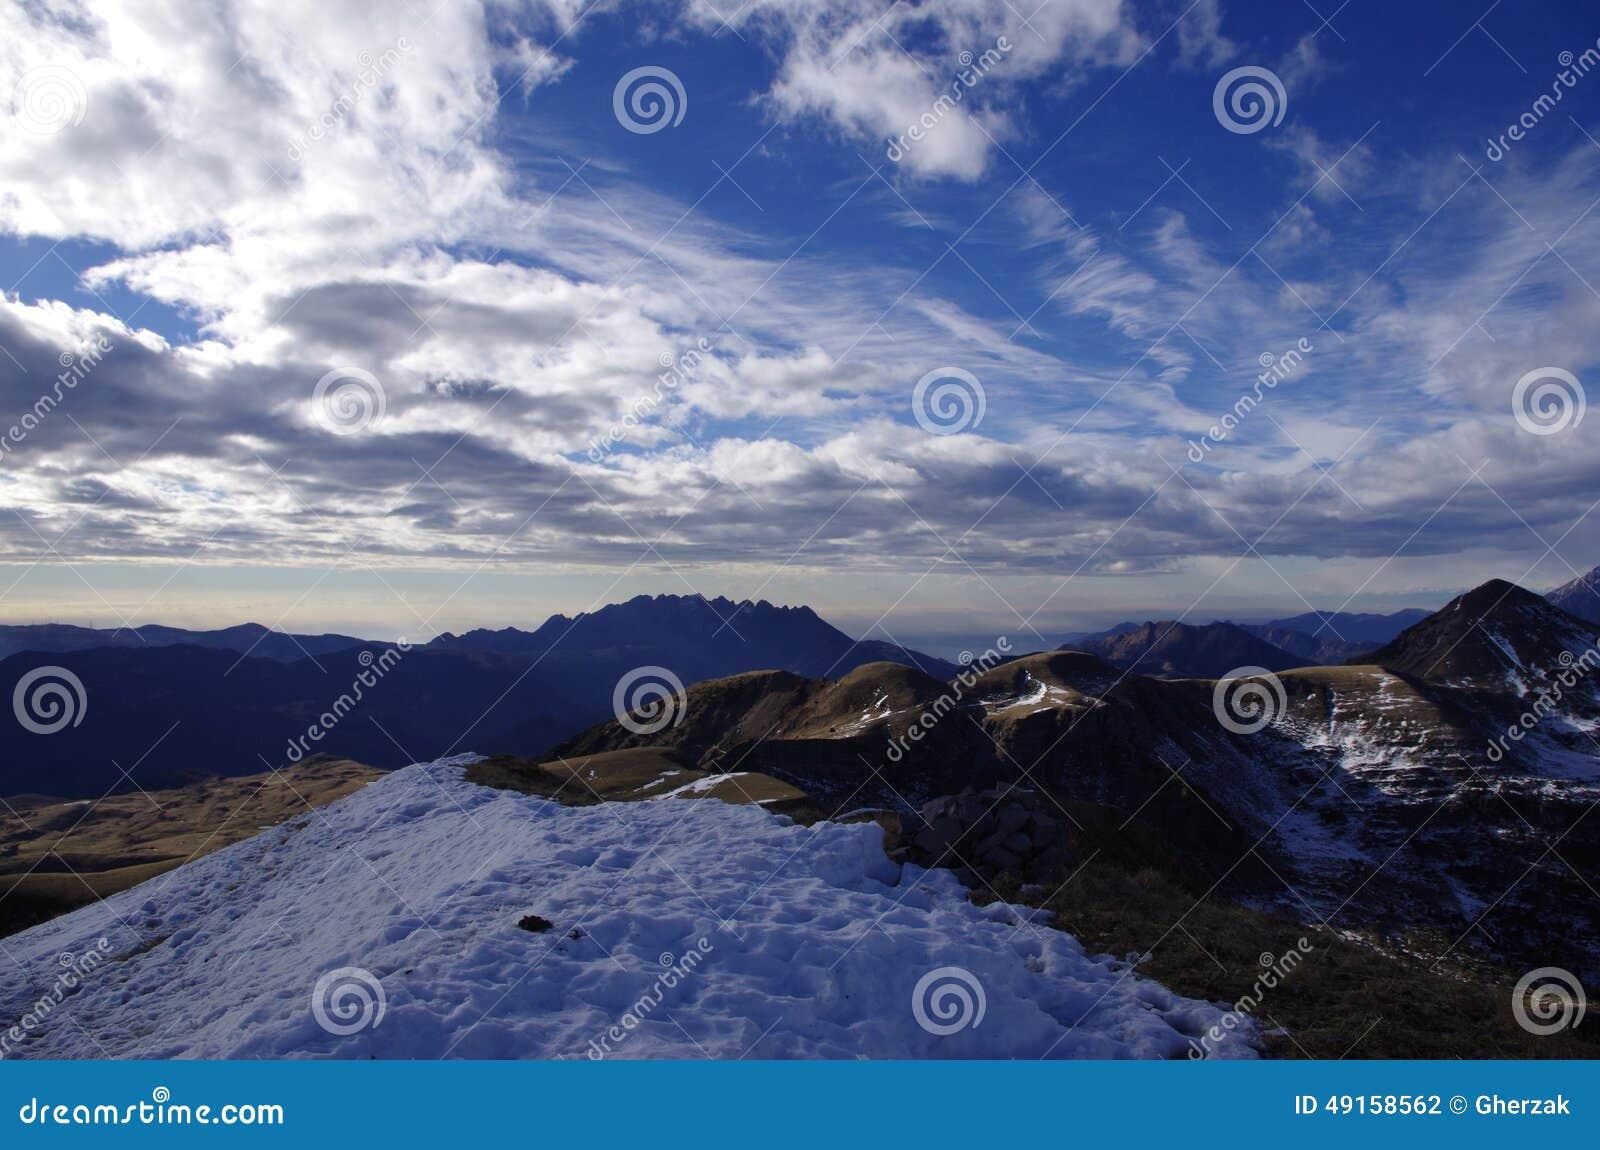 landscape sky clouds snow - photo #6